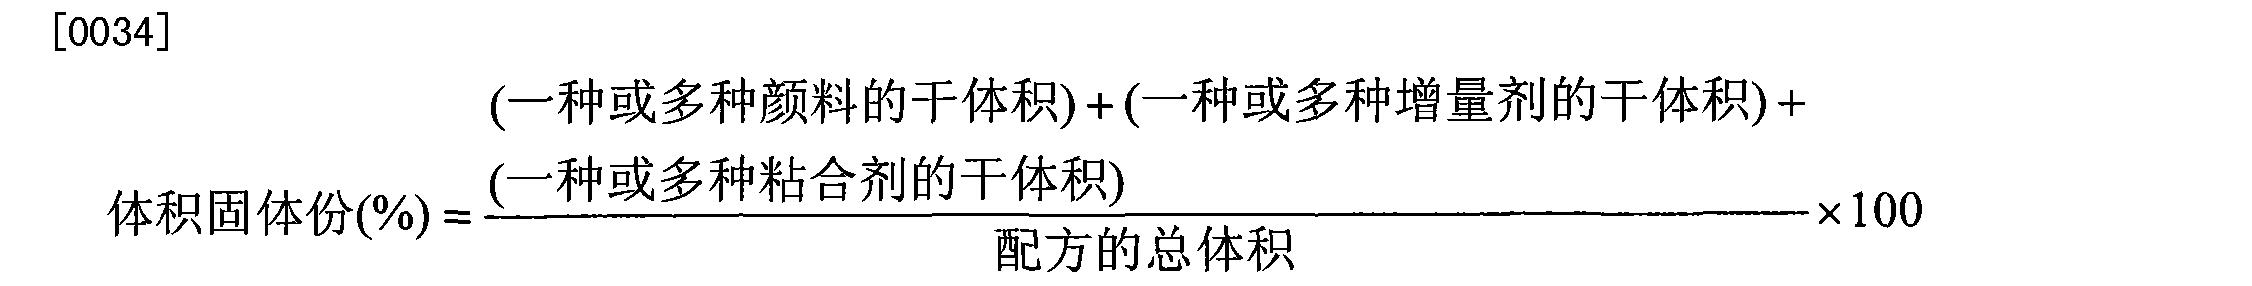 Figure CN101665647BD00101